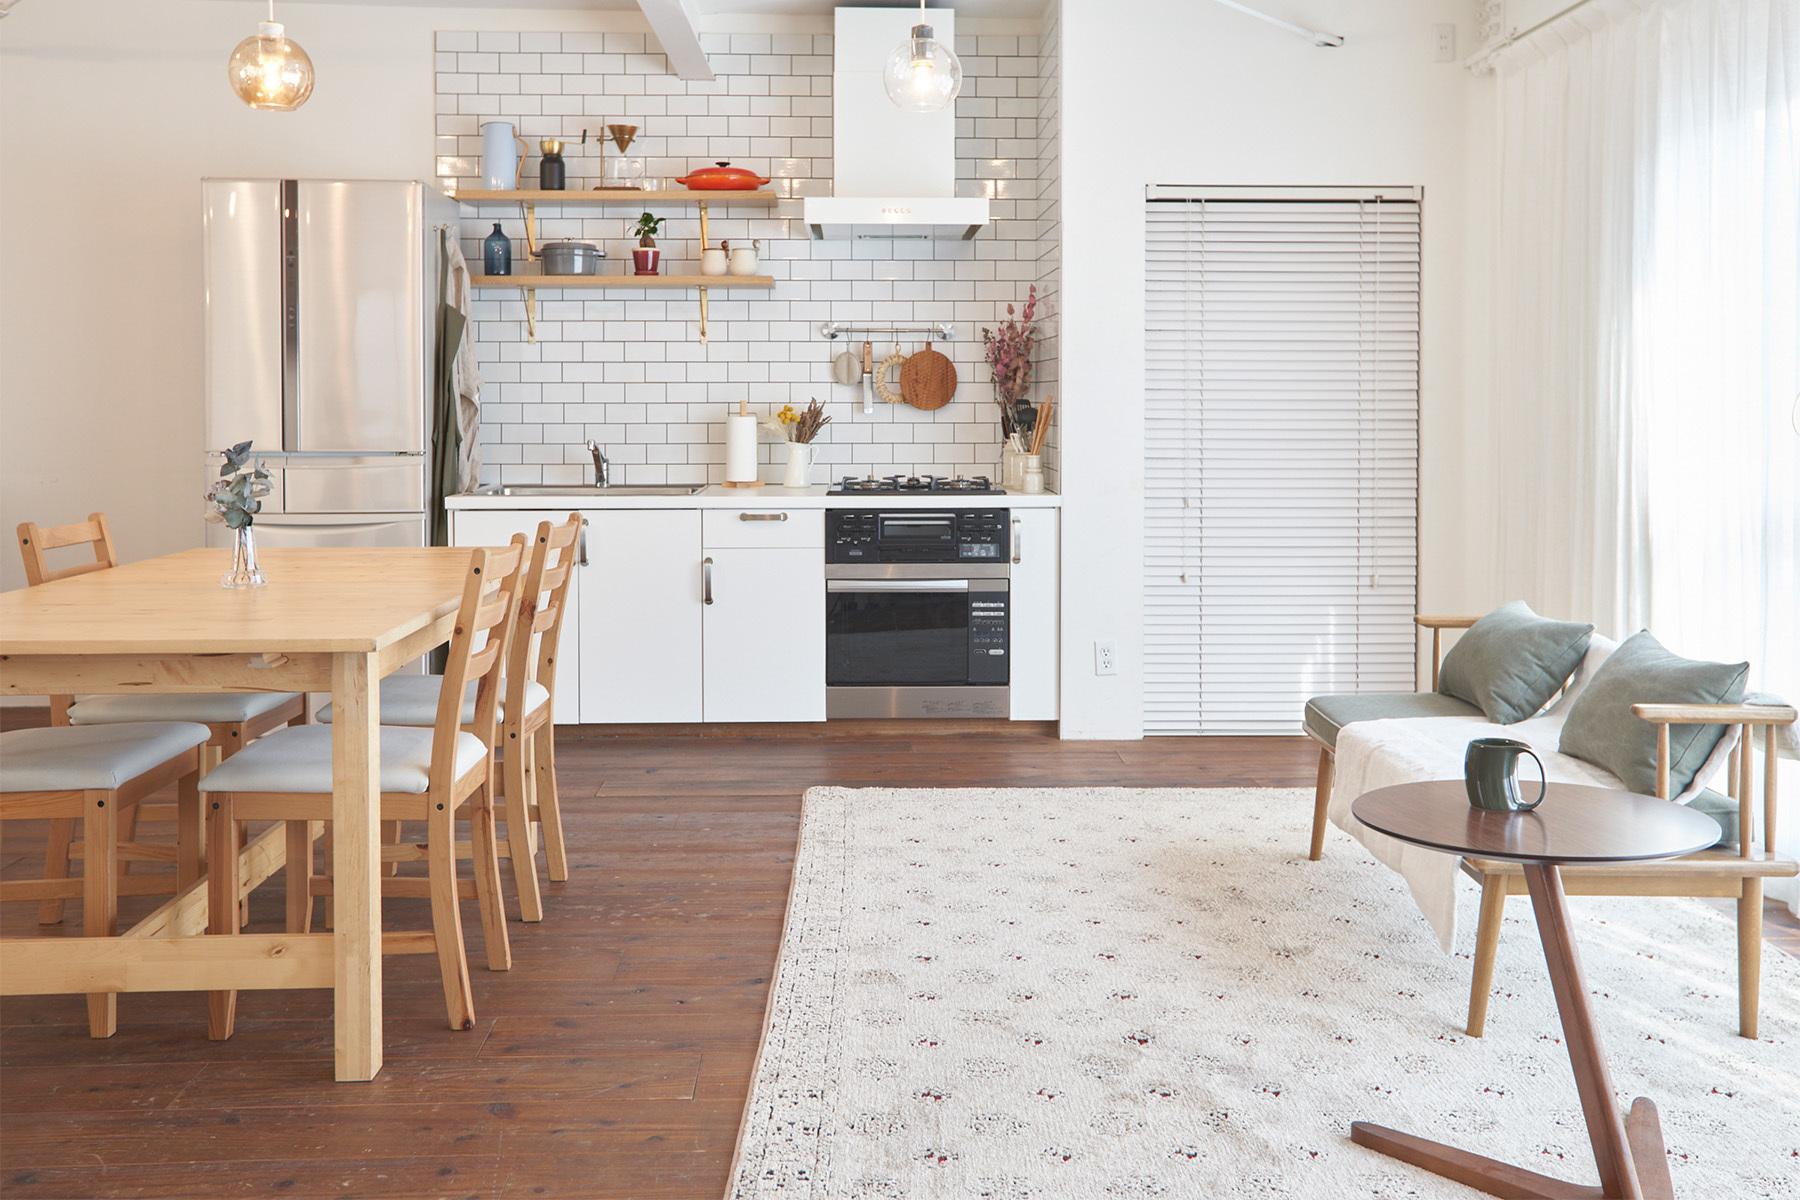 ACCA STUDIO (アッカスタジオ)3F/Cst キッチンの背景を変更して